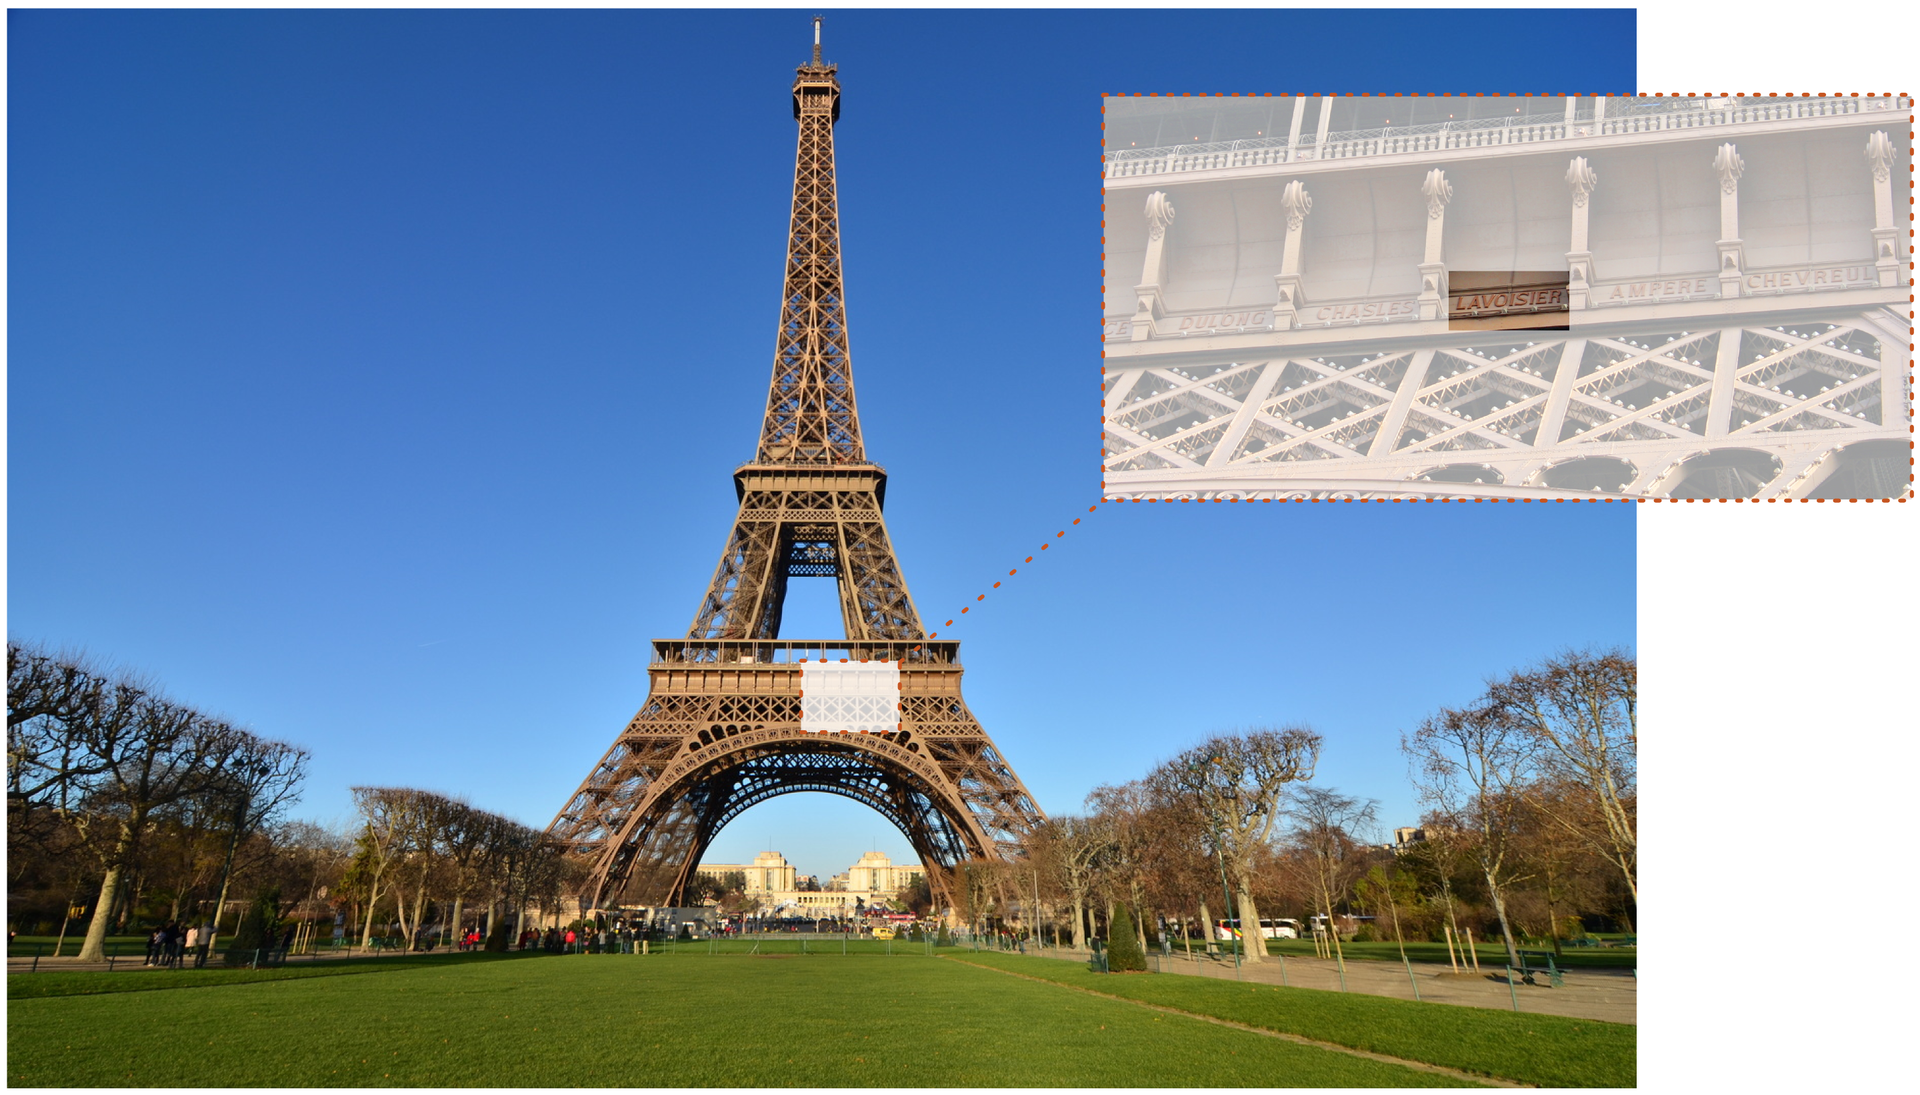 Ilustracja przedstawia fotografię Wieży Eiffla uwiecznionej od strony północno zachodniej. Na zdjęciu obszar pod pierwszym balkonem wyróżniony jest beżowym prostokątem. Wprawym górnym rogu ilustracji znajduje się zbliżenie tego fragmentu Wieży wobrębie którego również zaznaczono, tym razem ciemniejszym prostokątem, nazwisko Lavoisier wyryte pomiędzy innymi nazwiskami naukowców, inżynierów iprzemysłowców.